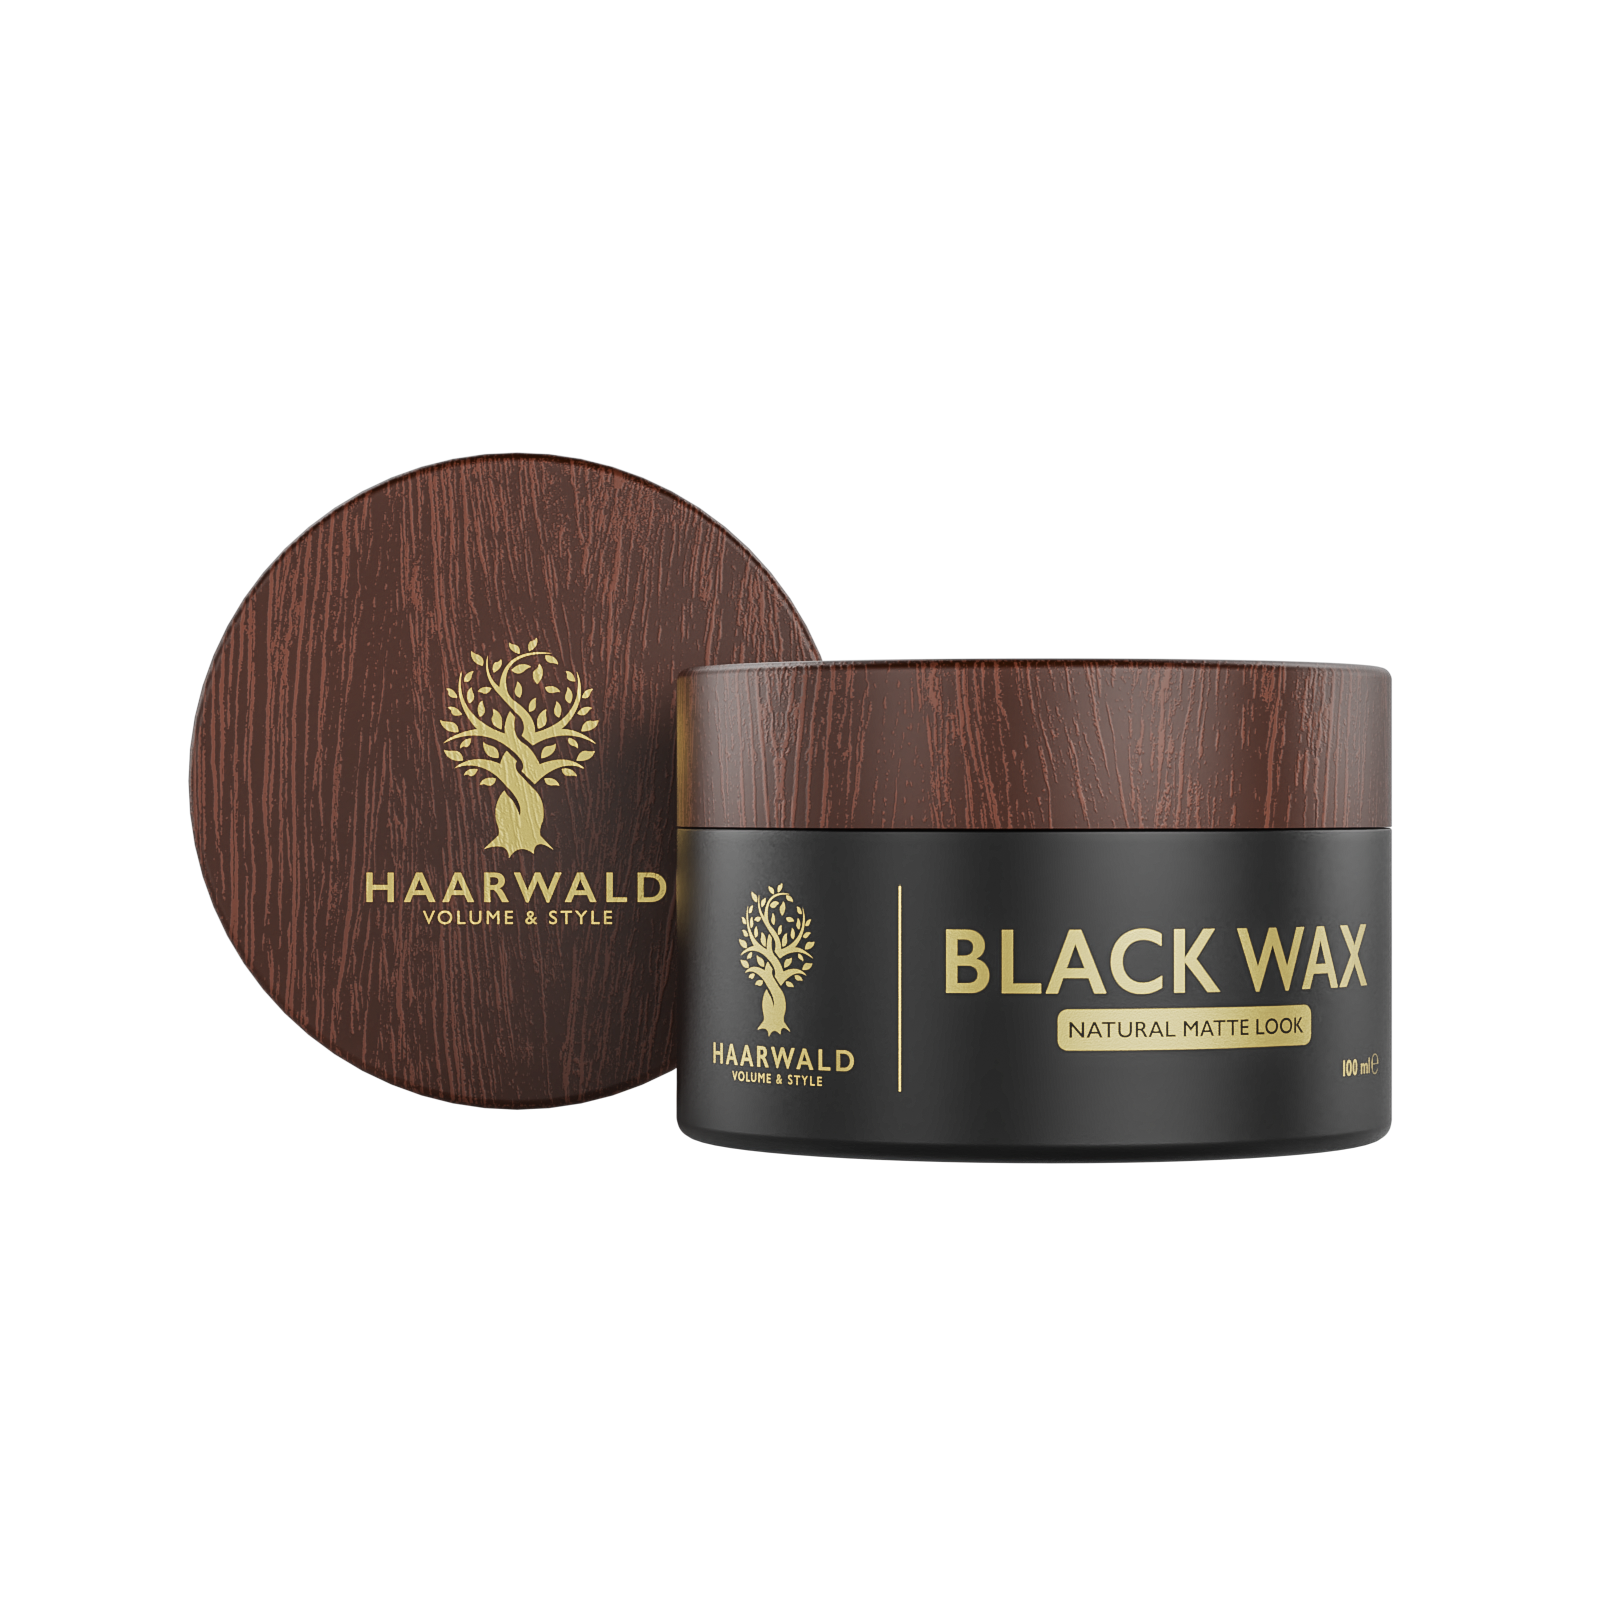 HAARWALD BLACK WAX